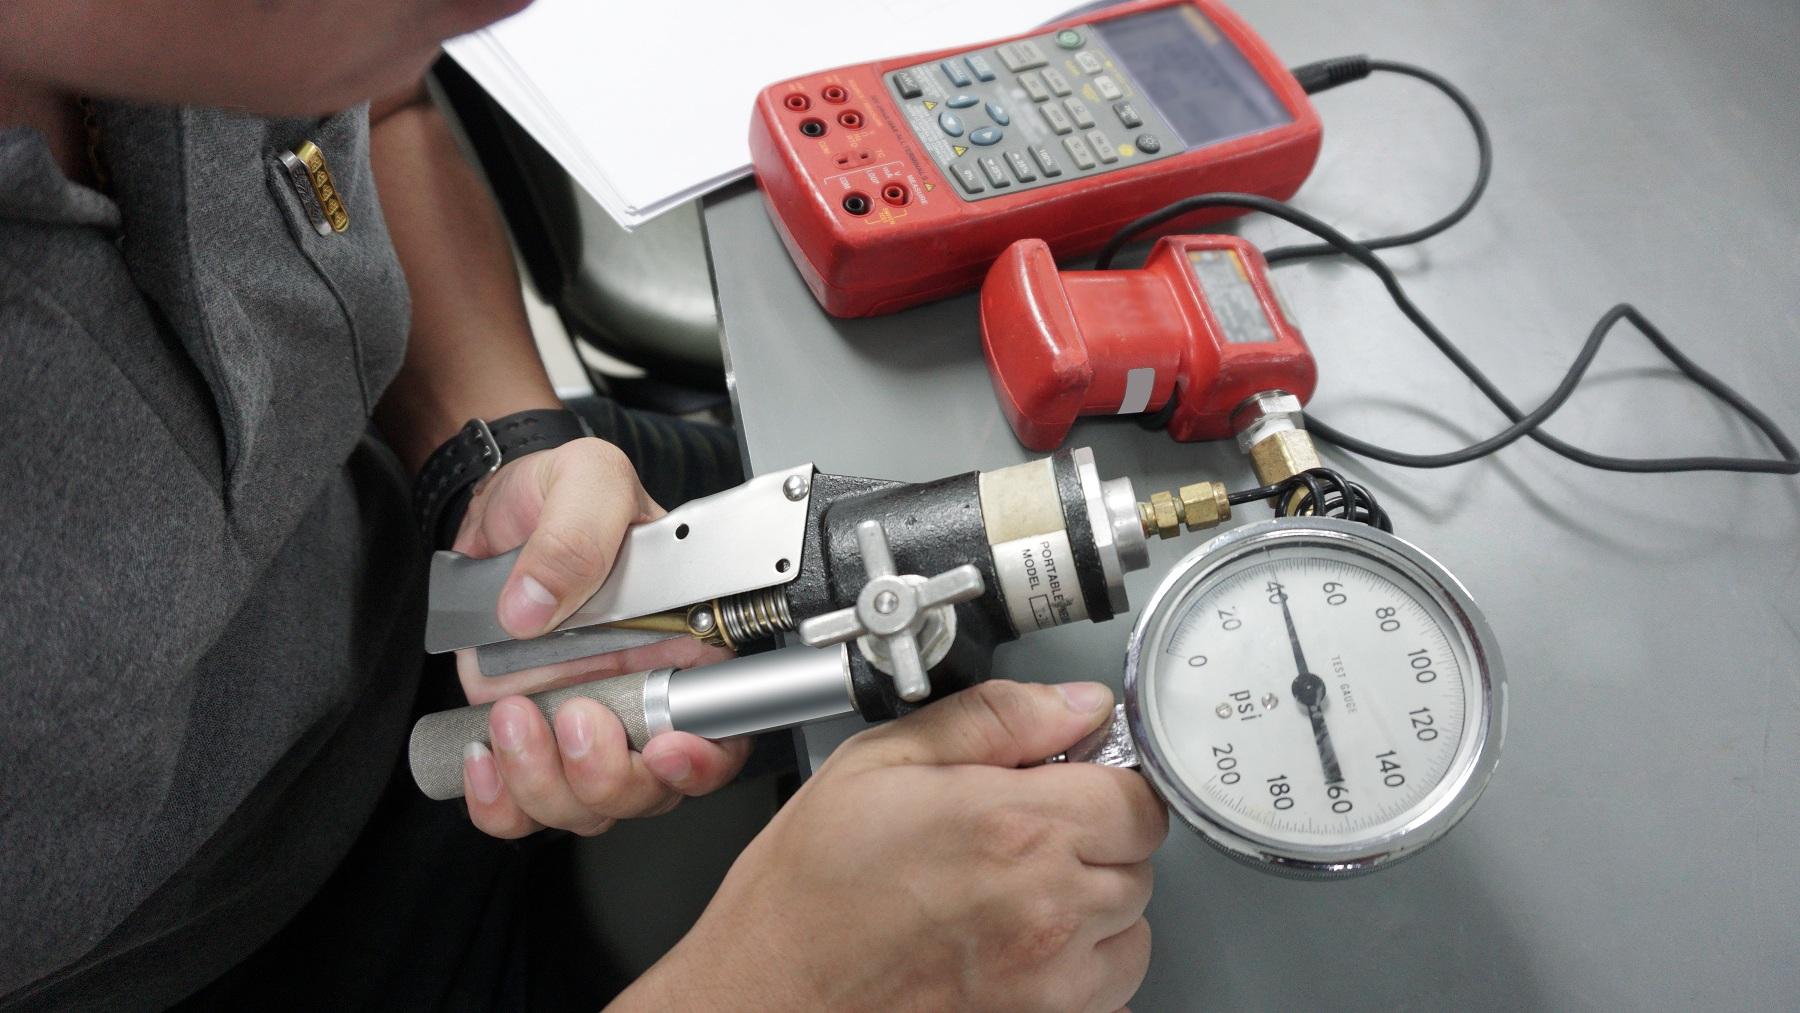 Hova fordulhatunk mérőműszerek kalibrálása céljából?